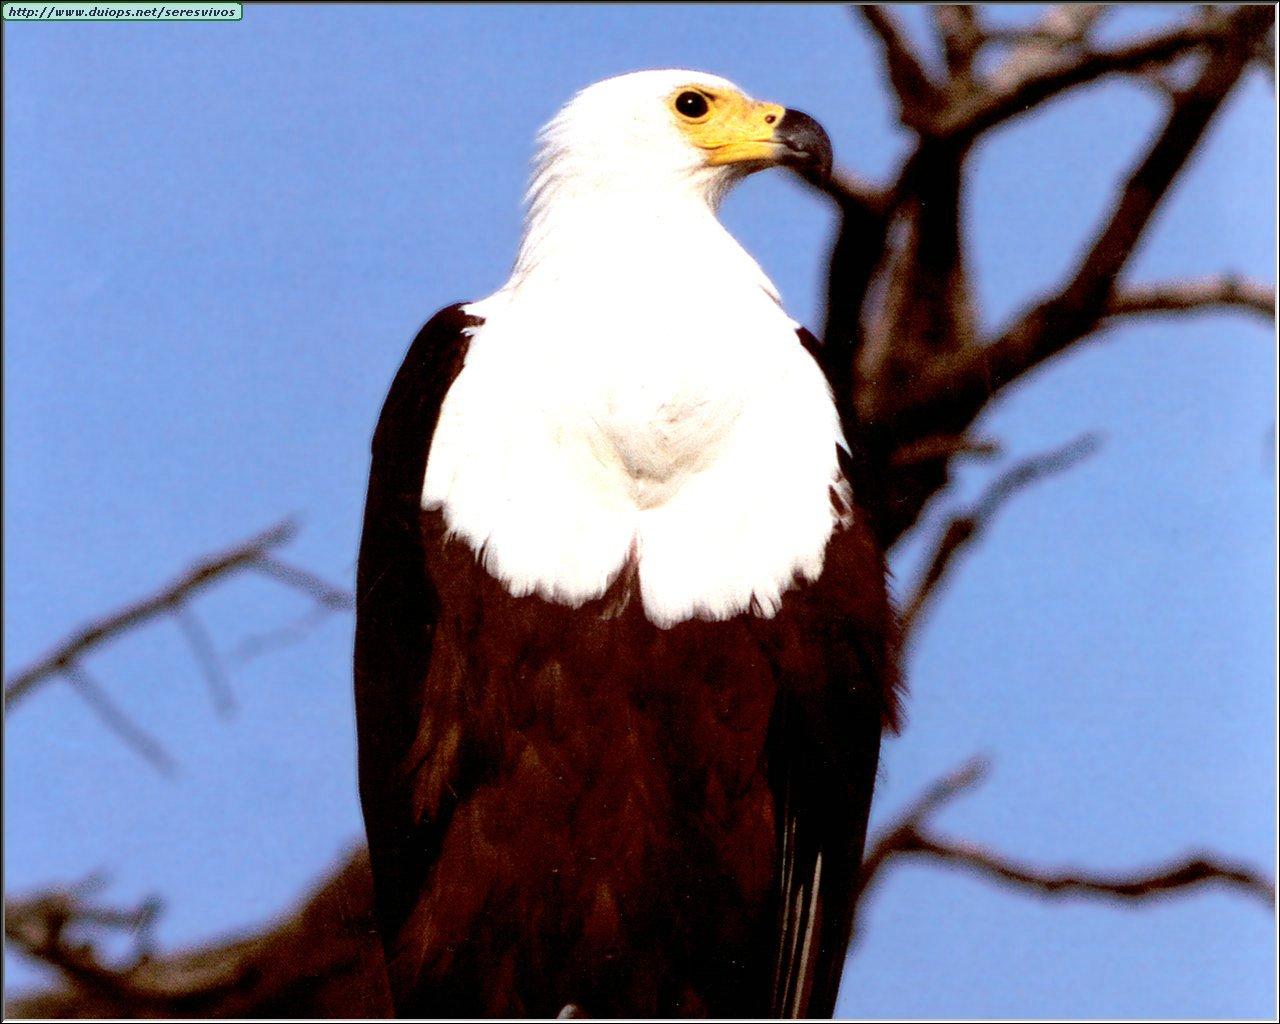 http://www.duiops.net/seresvivos/galeria/aguilas/Aguila-Blanca.jpg